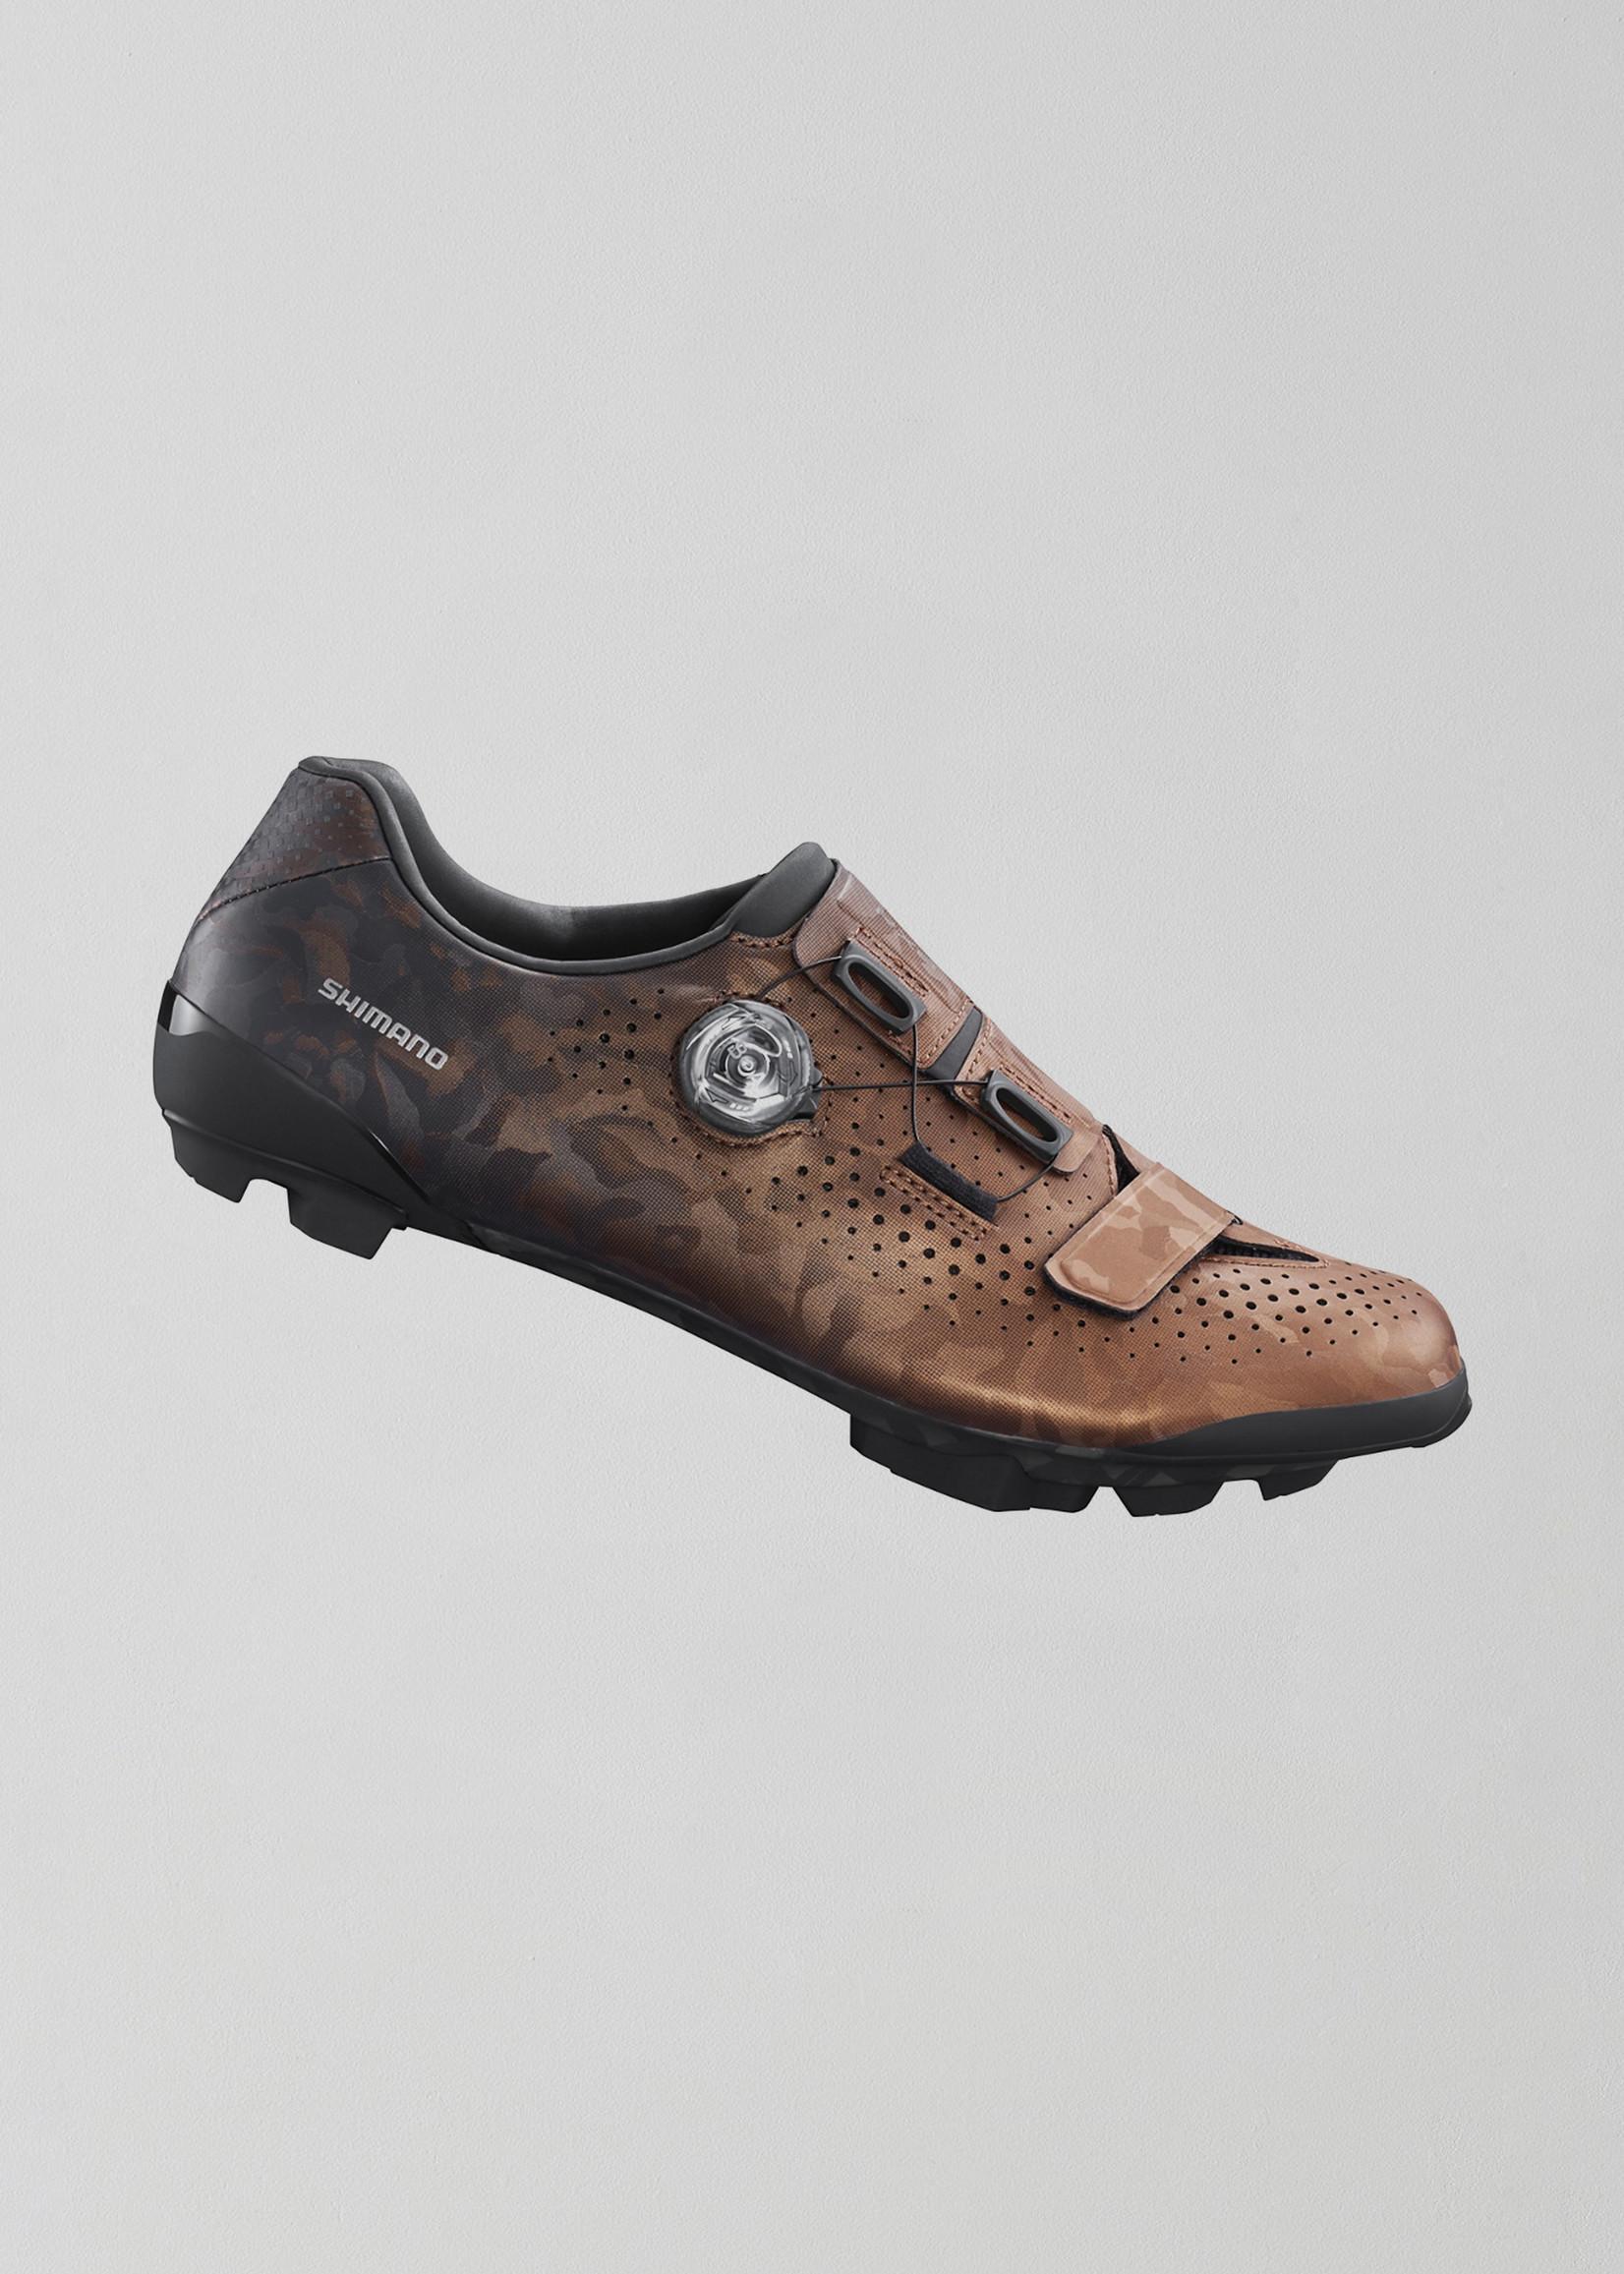 Shimano Schoenen Gravel RX800